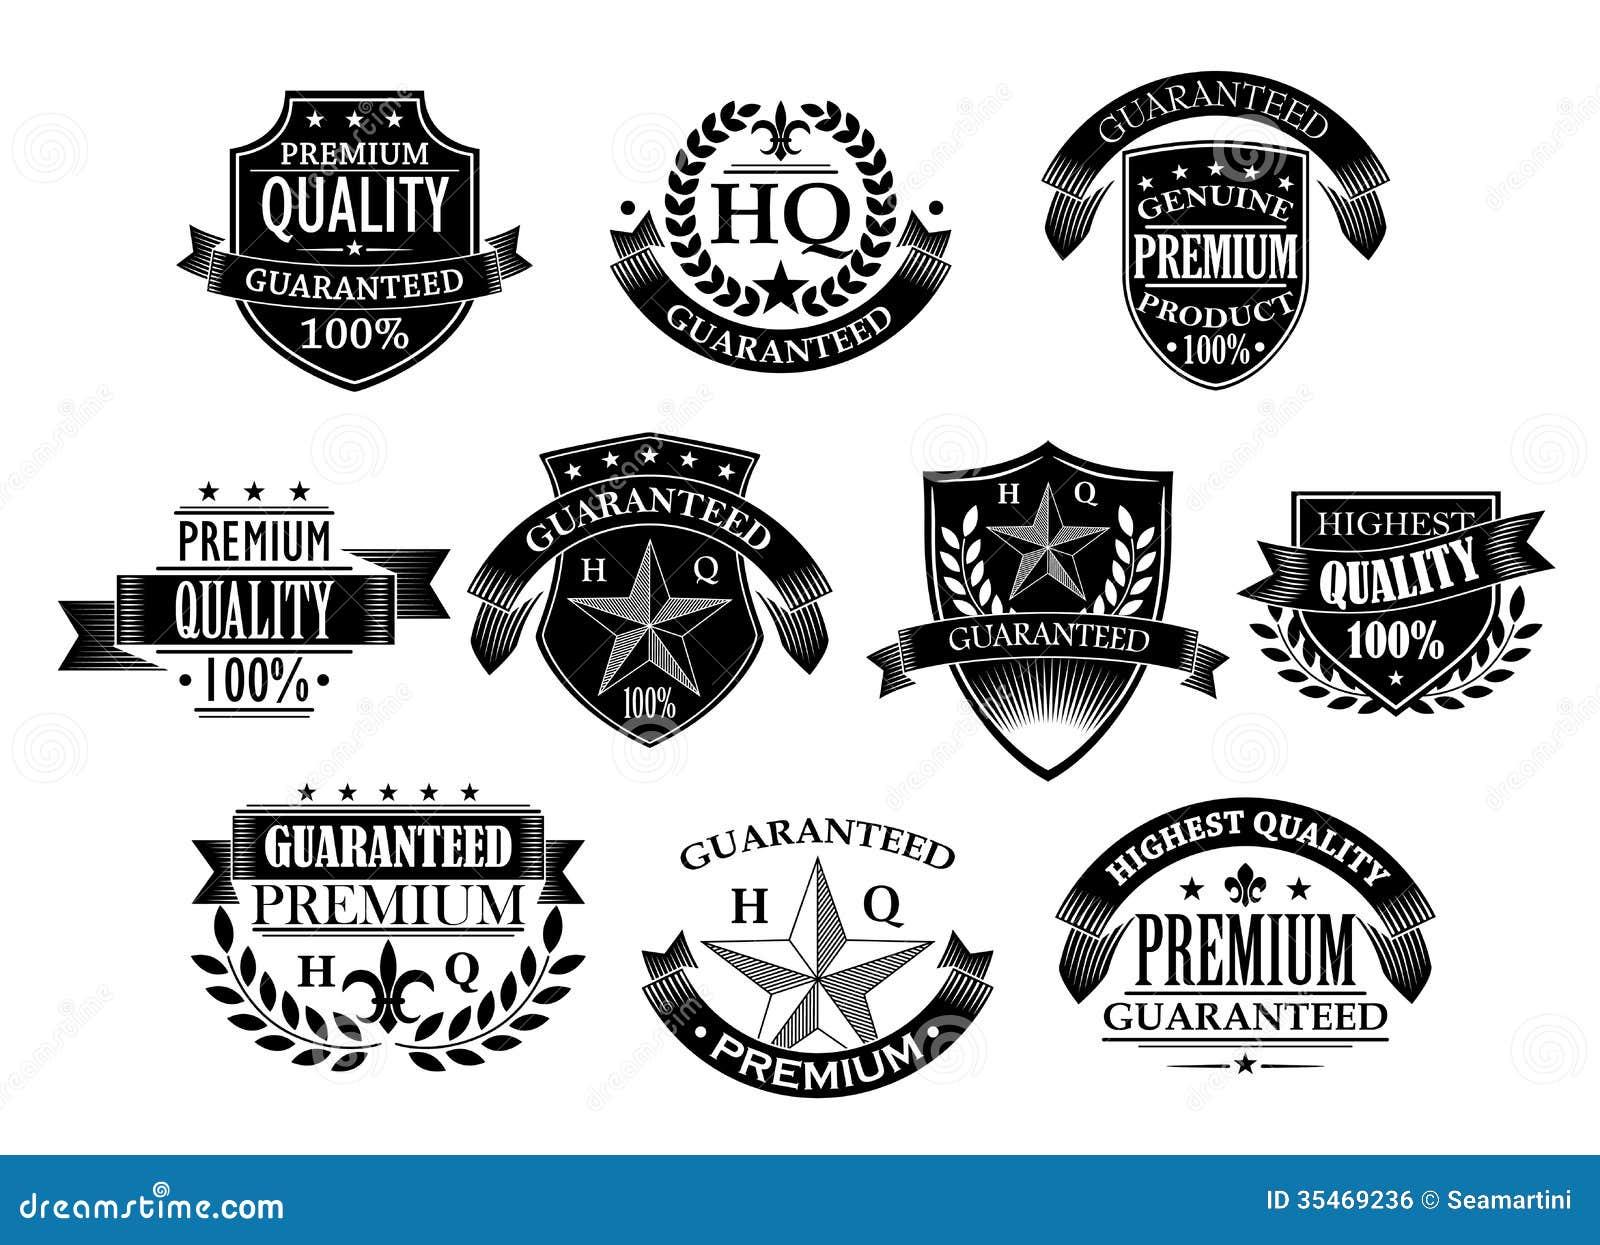 Retro Design Badges Stock...: quoteko.com/design-badges.html